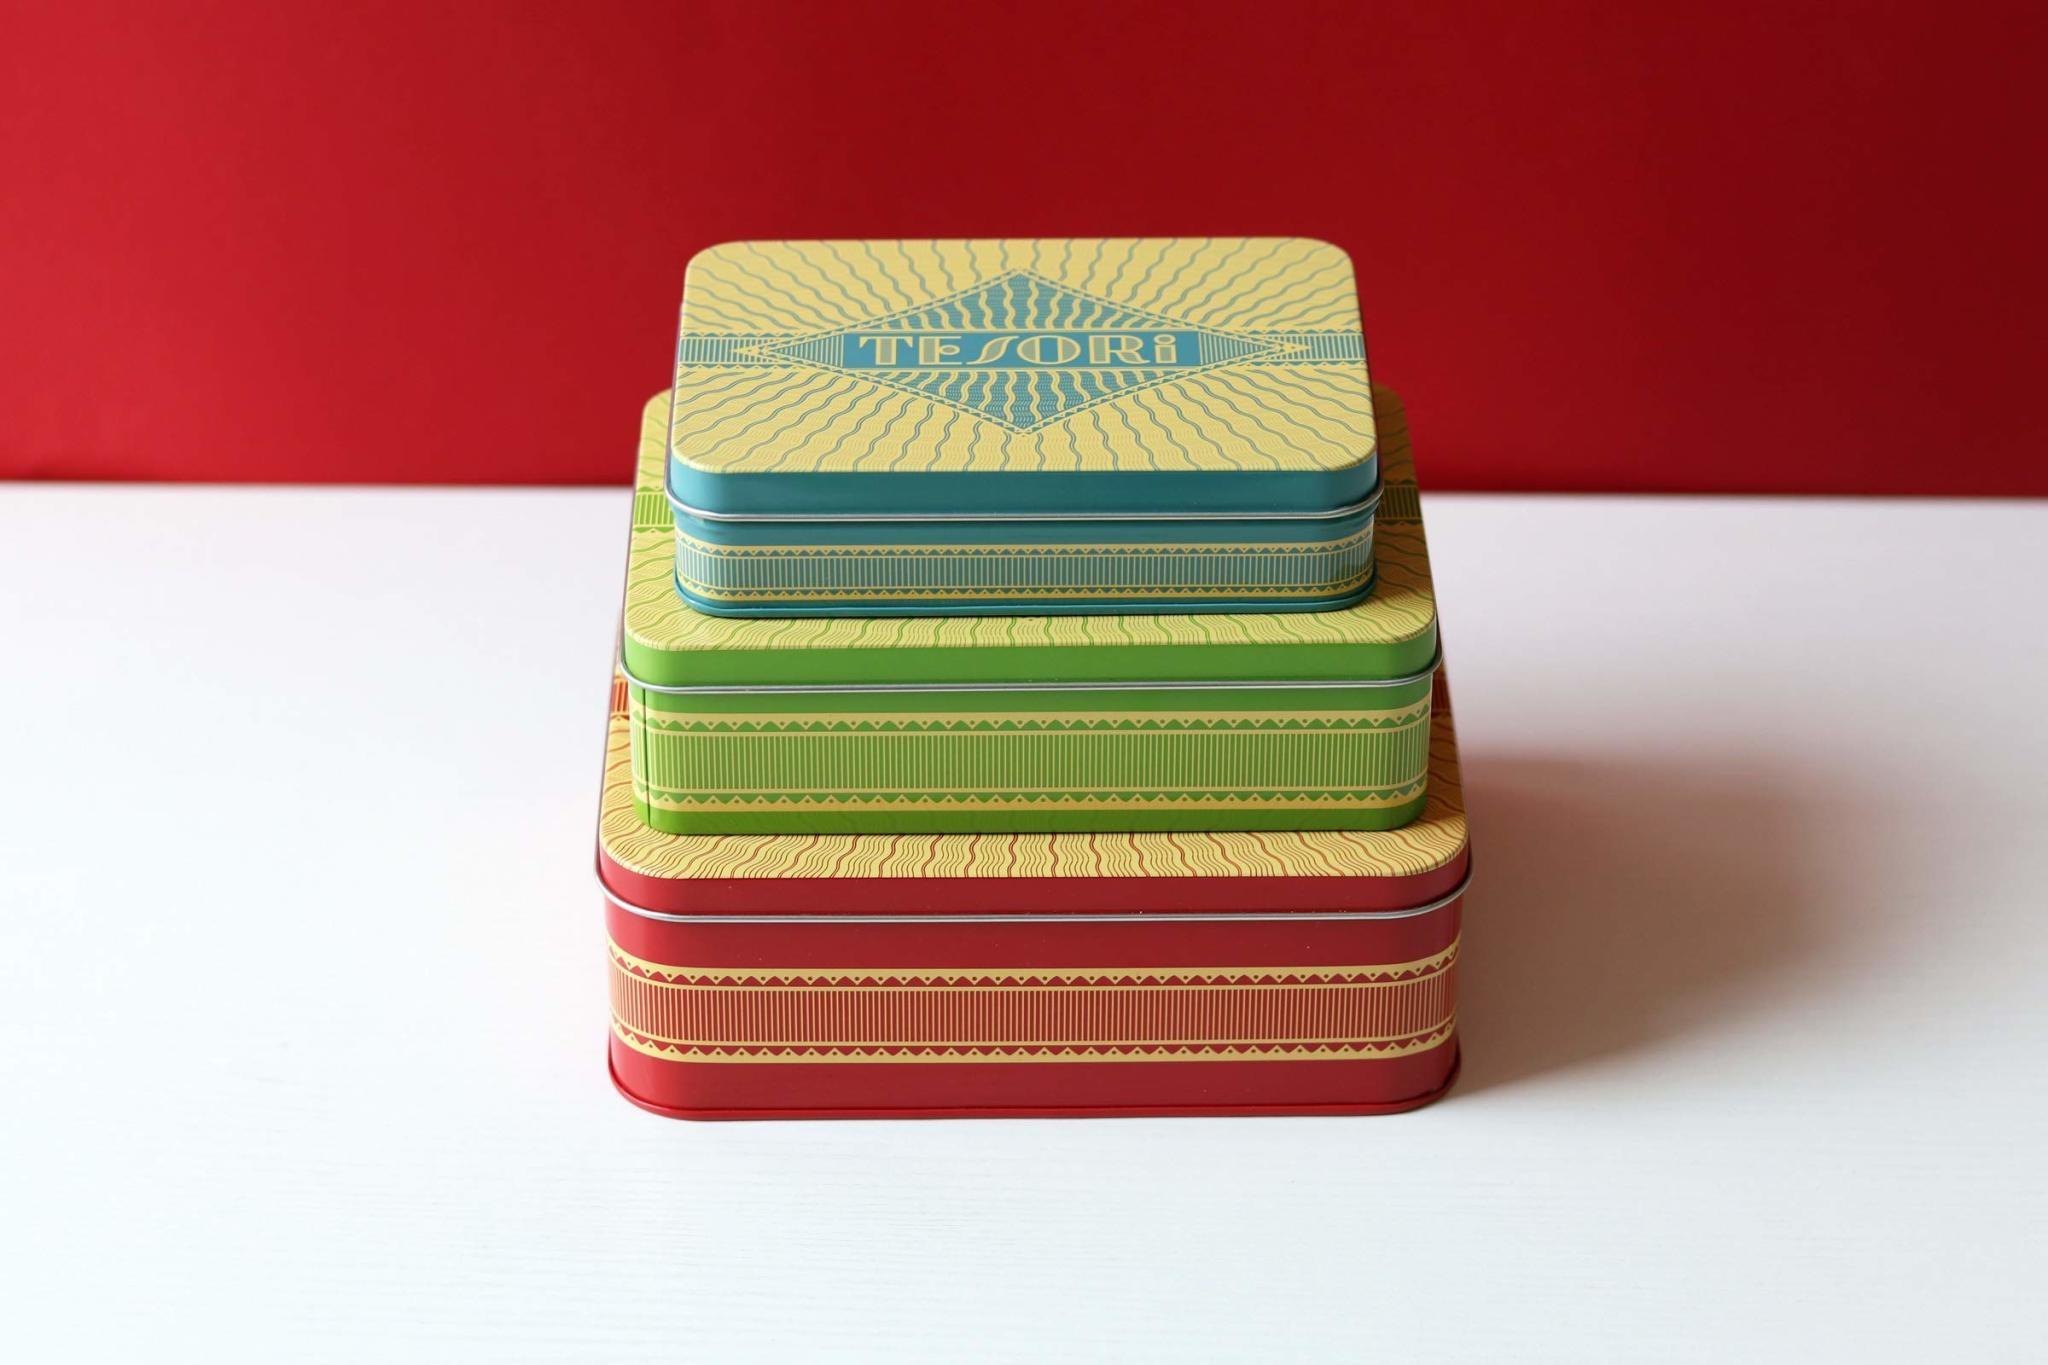 tesori keepsake tins-6